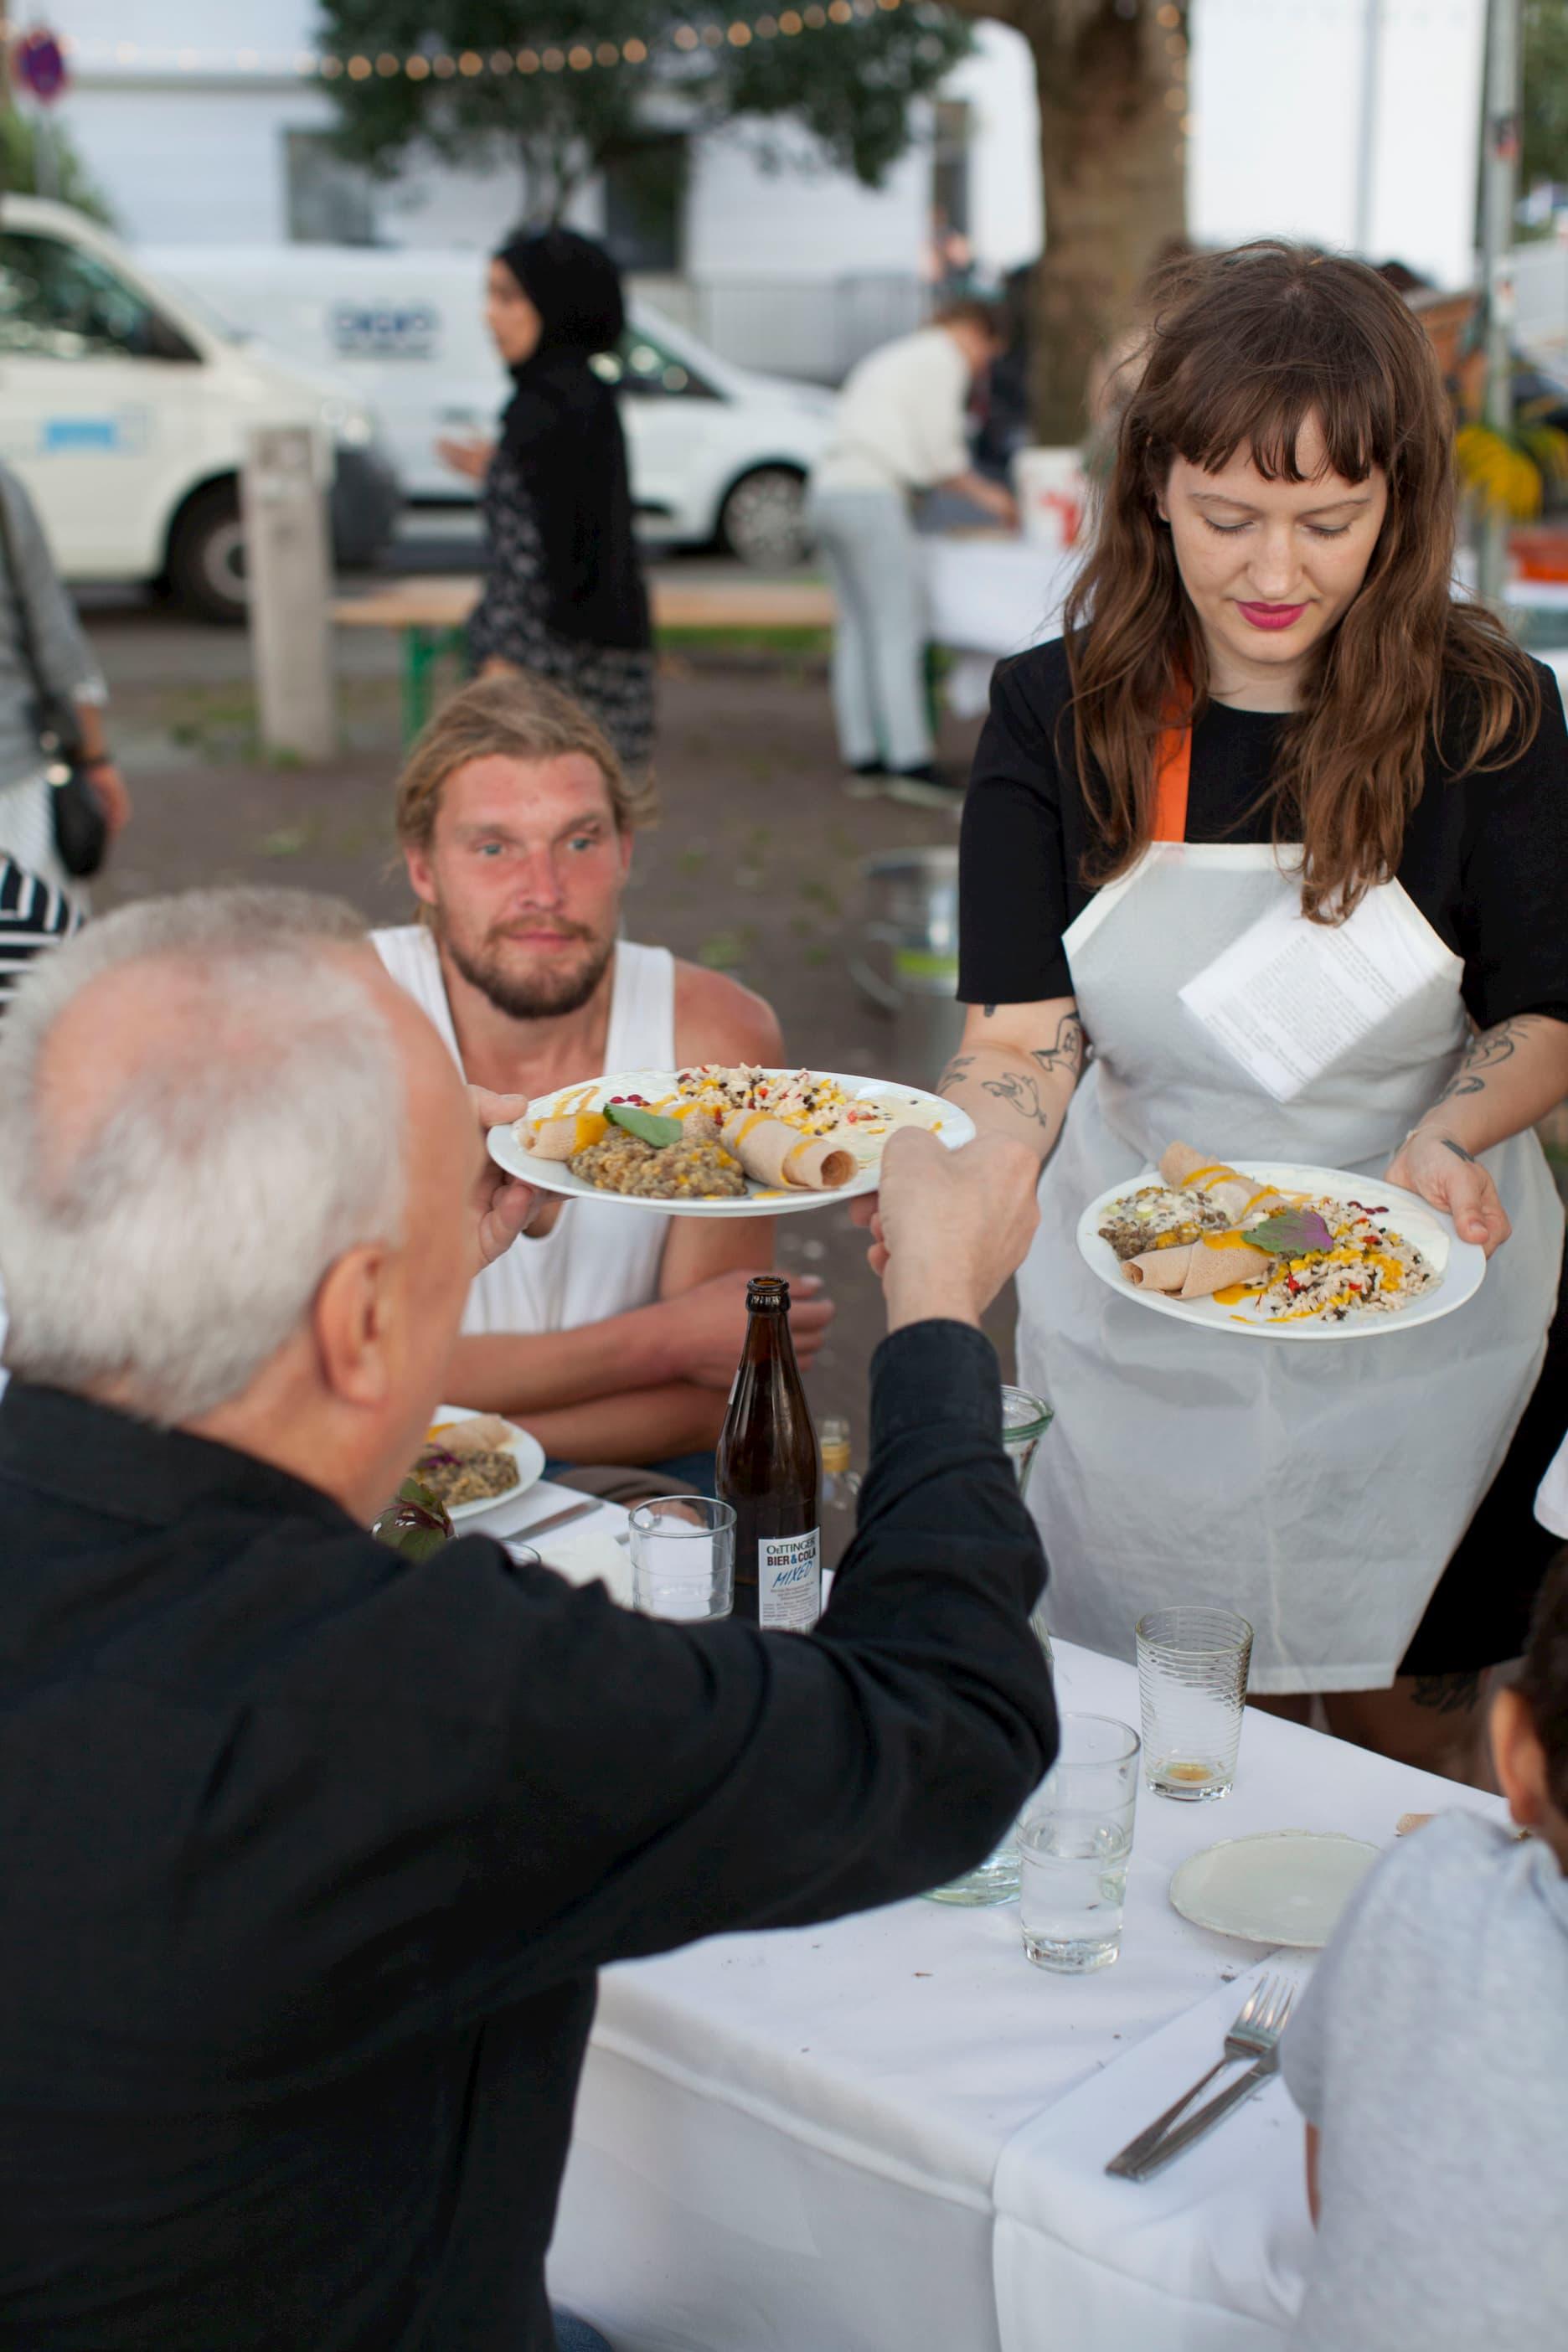 Die Köchin verteilt die befüllten Teller an einen älteren Herr. Das Essen ist unidentifizierbar, aber bunt und sieht einladend aus.